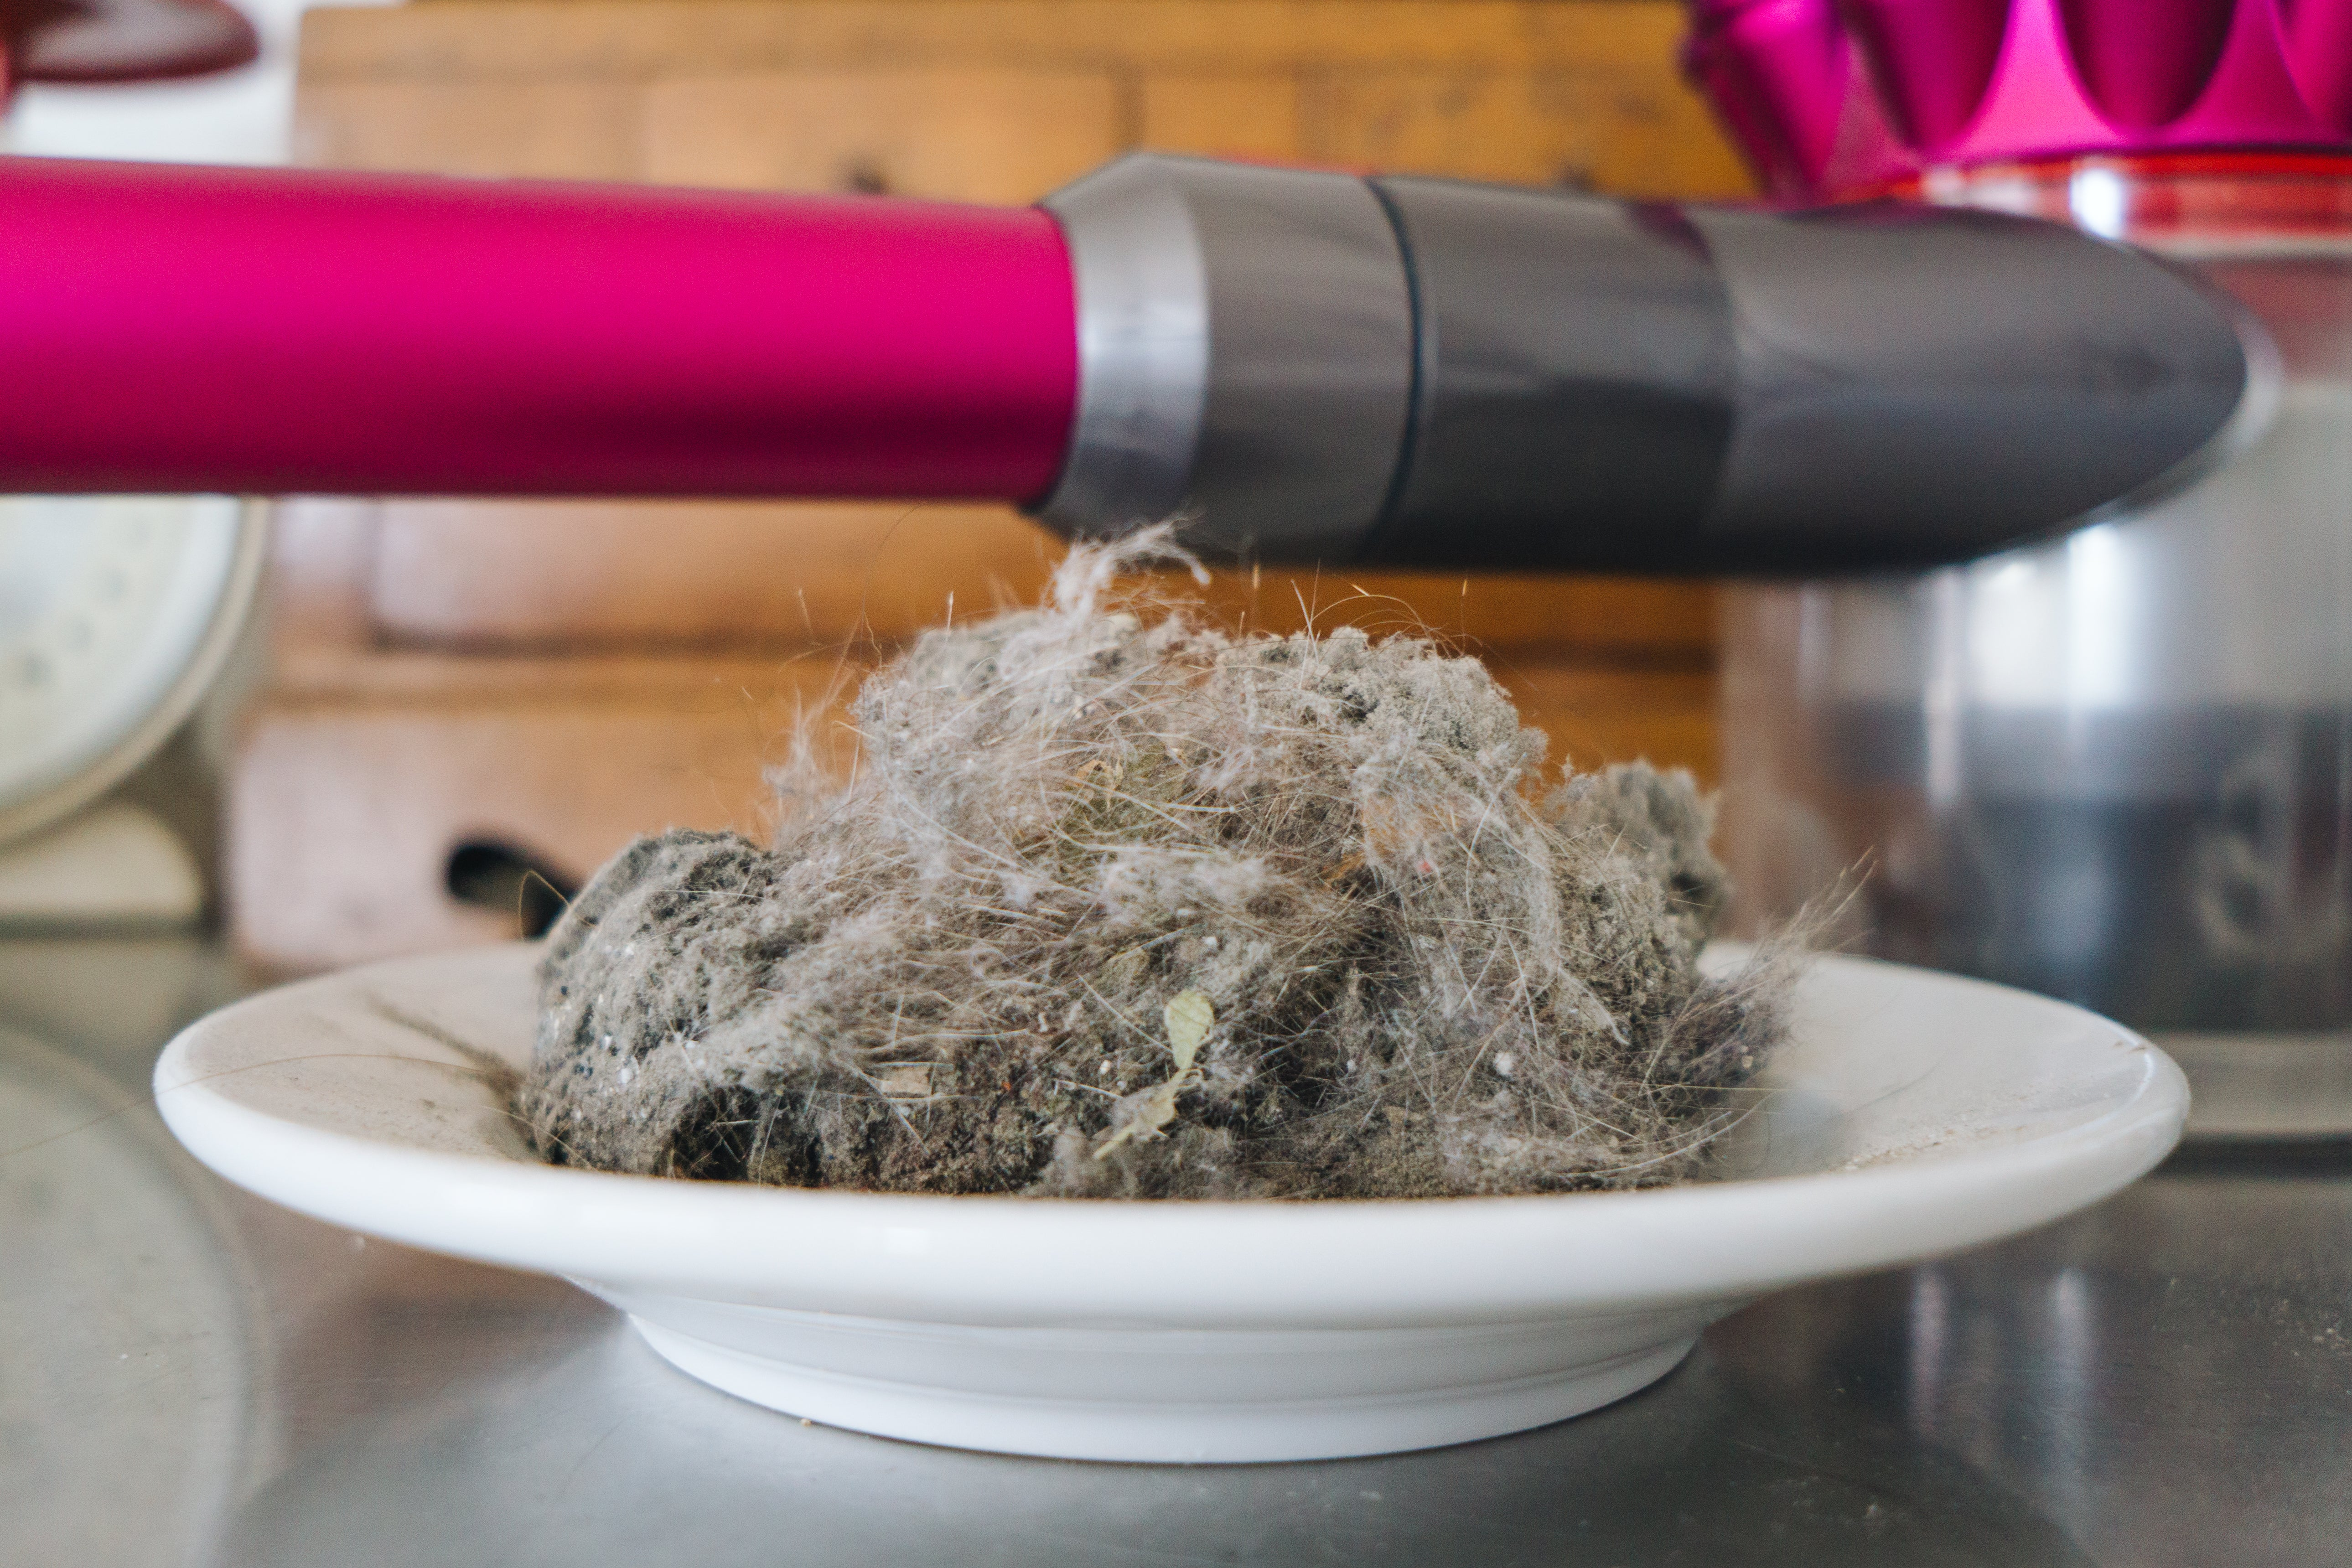 pile of cat hair